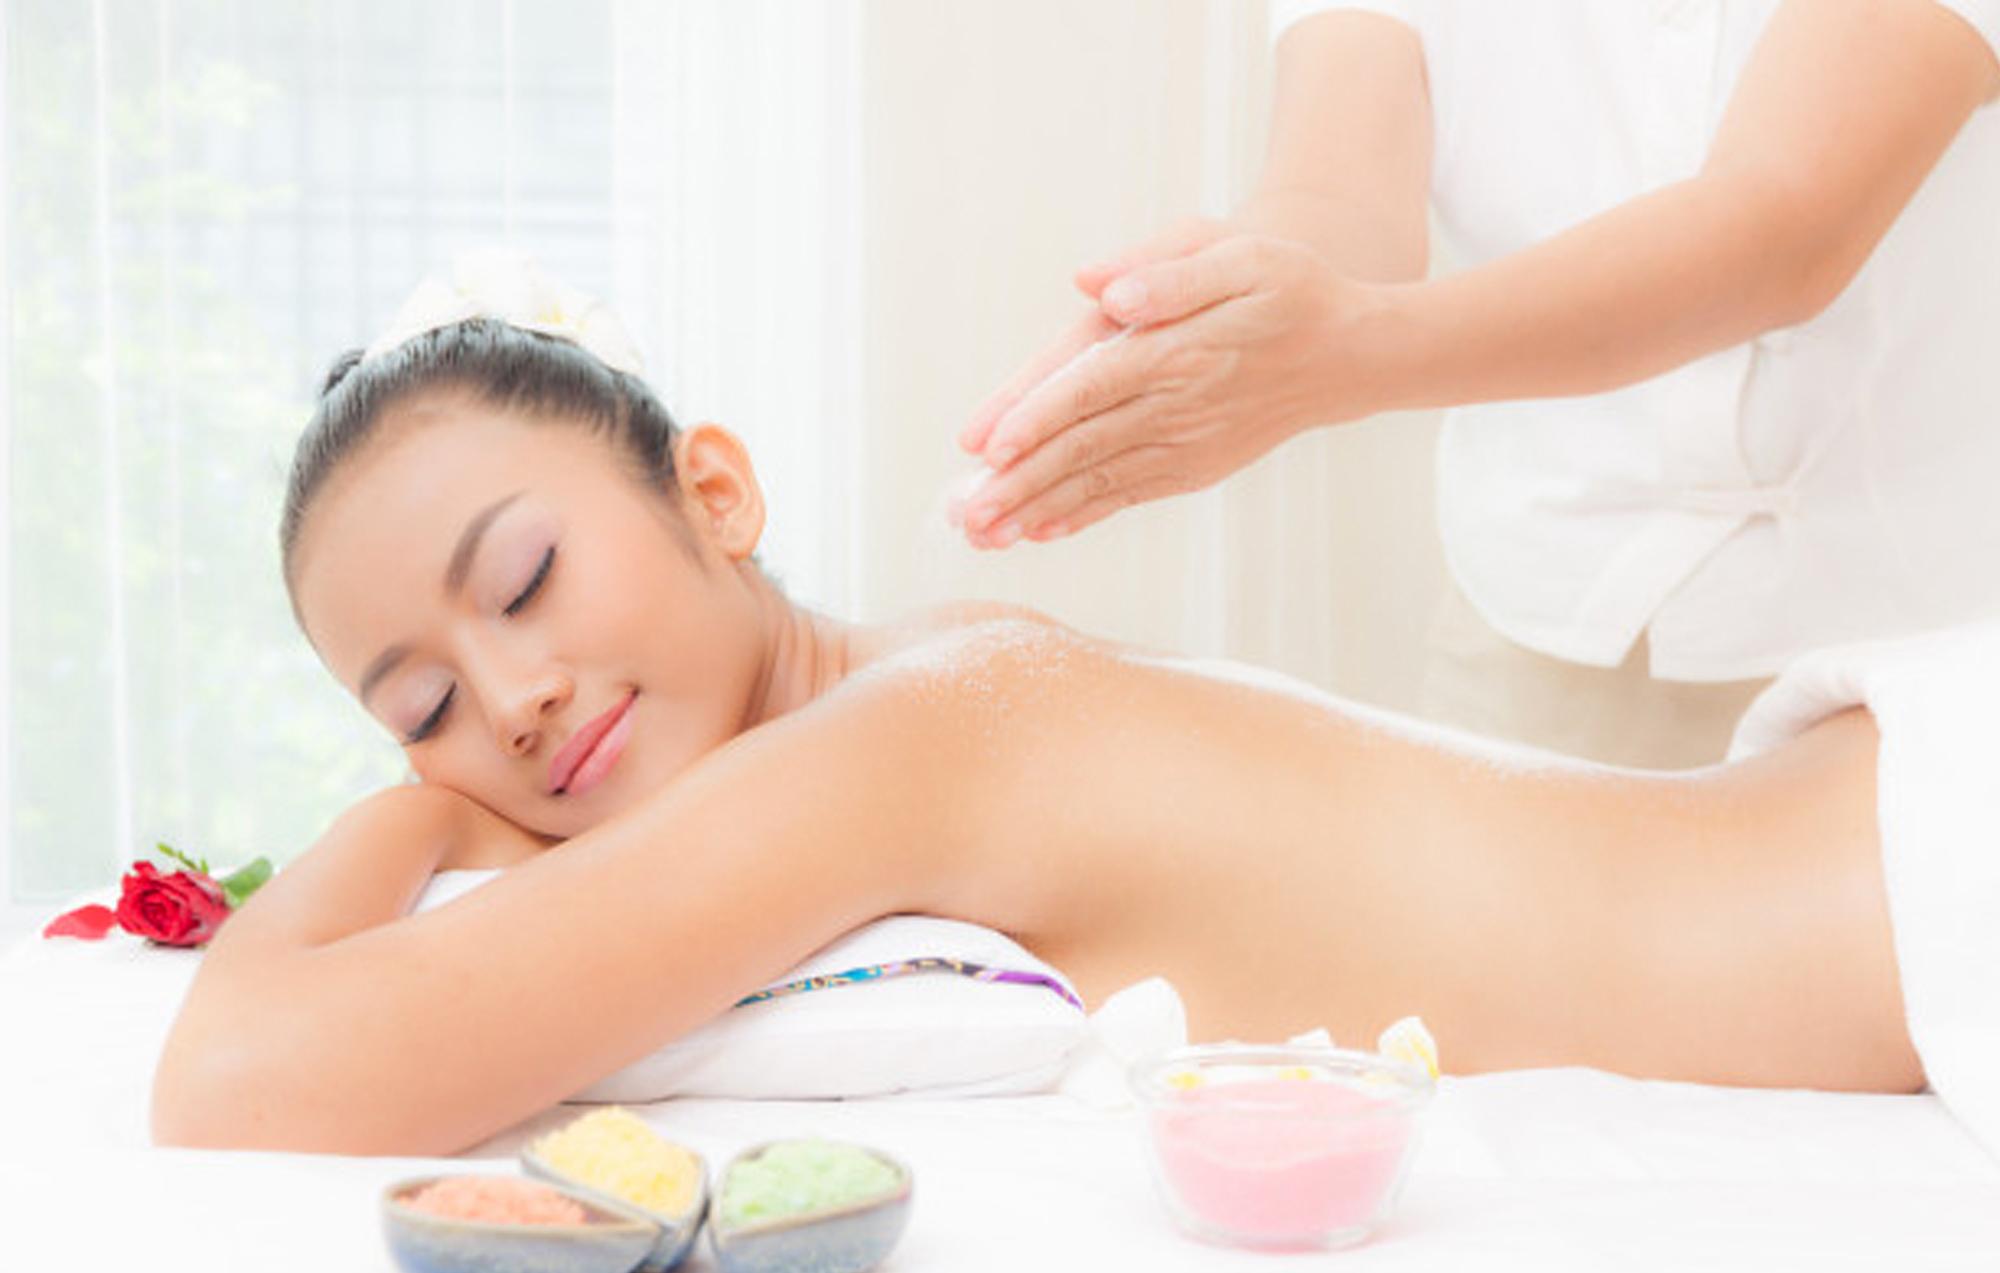 Acondicionador corporal, la tendencia que triunfa en IG para hidratar nuestra piel